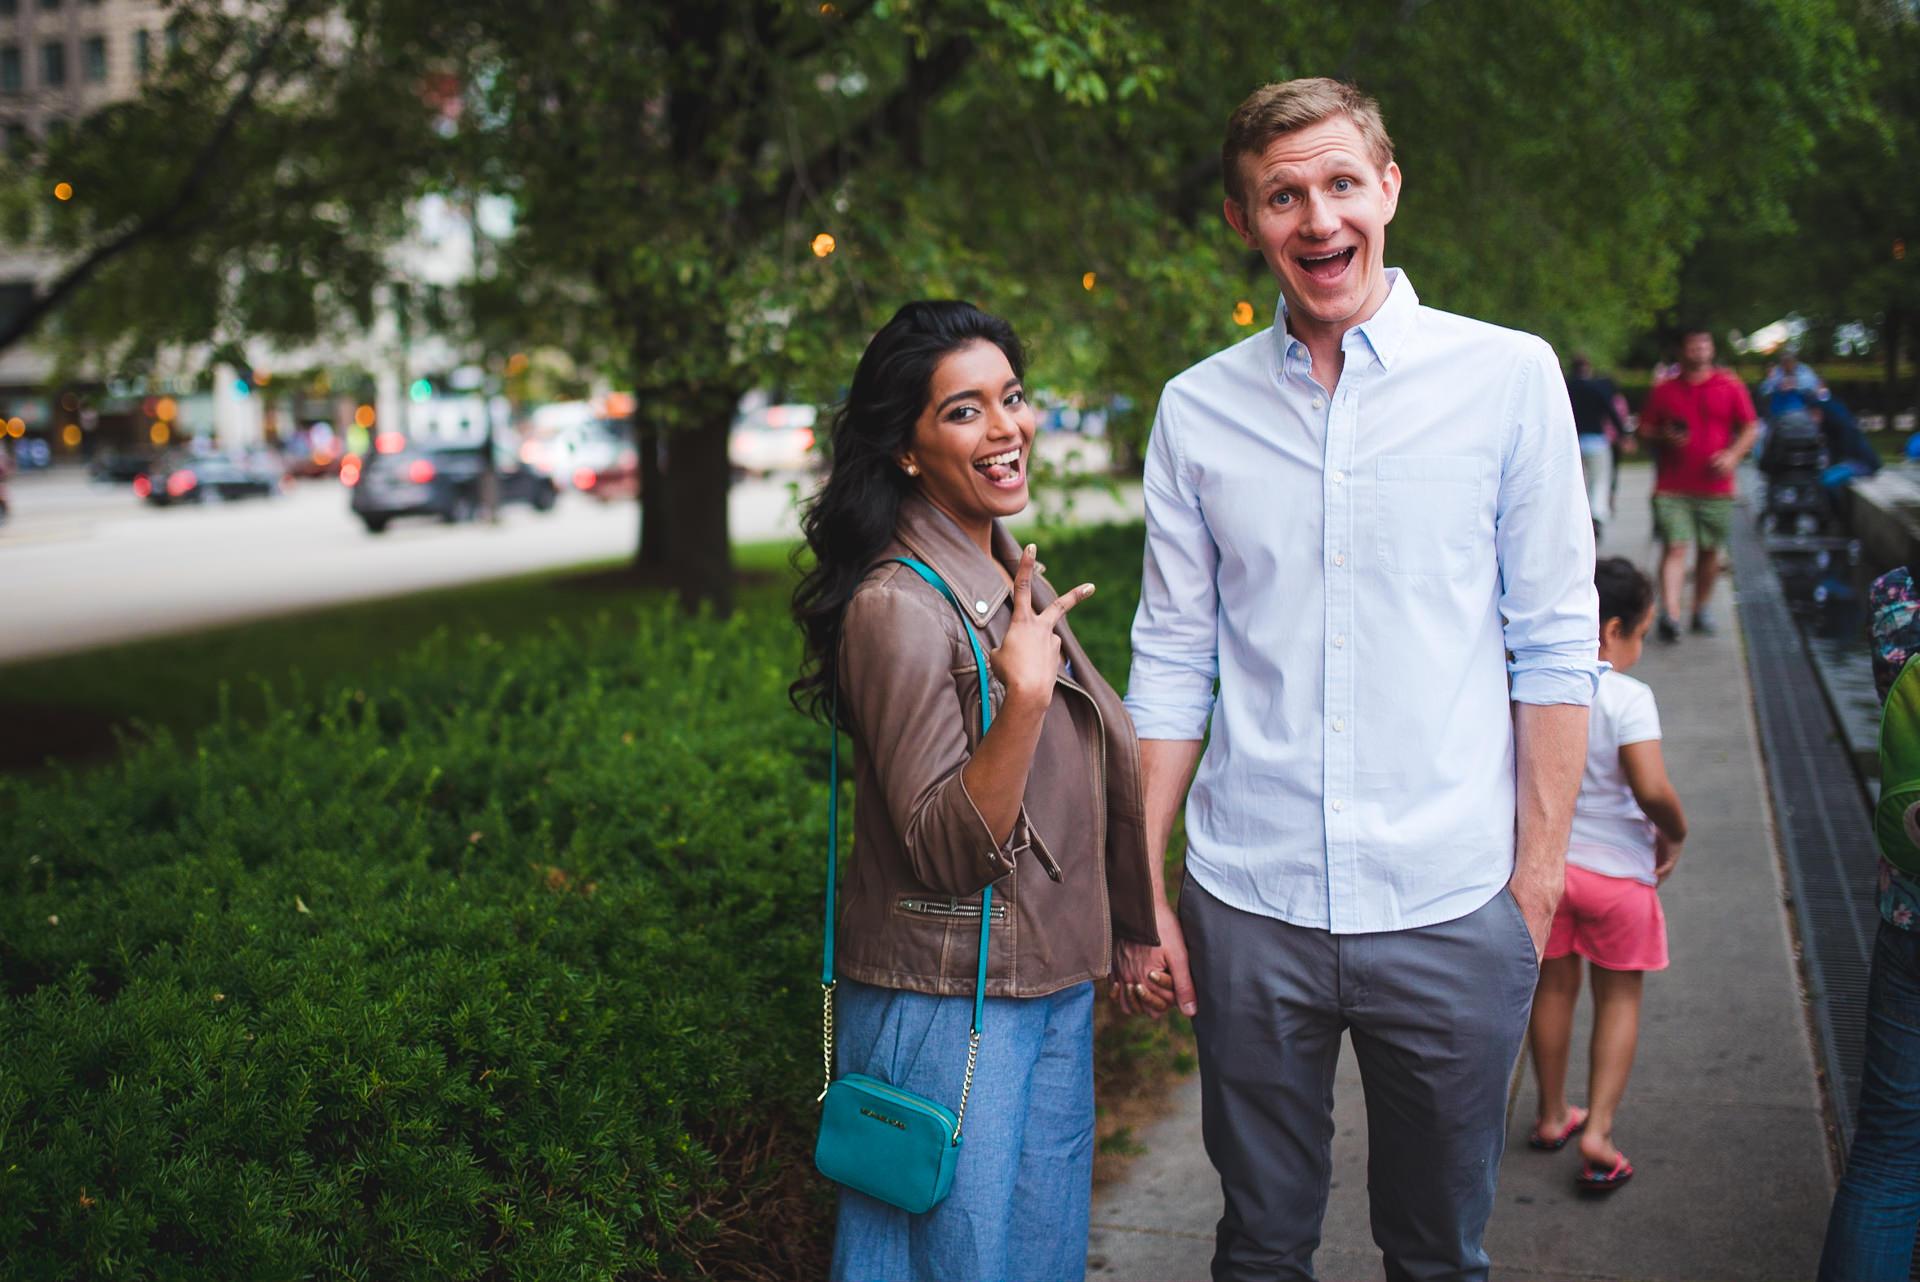 Millennium Park engagement photography